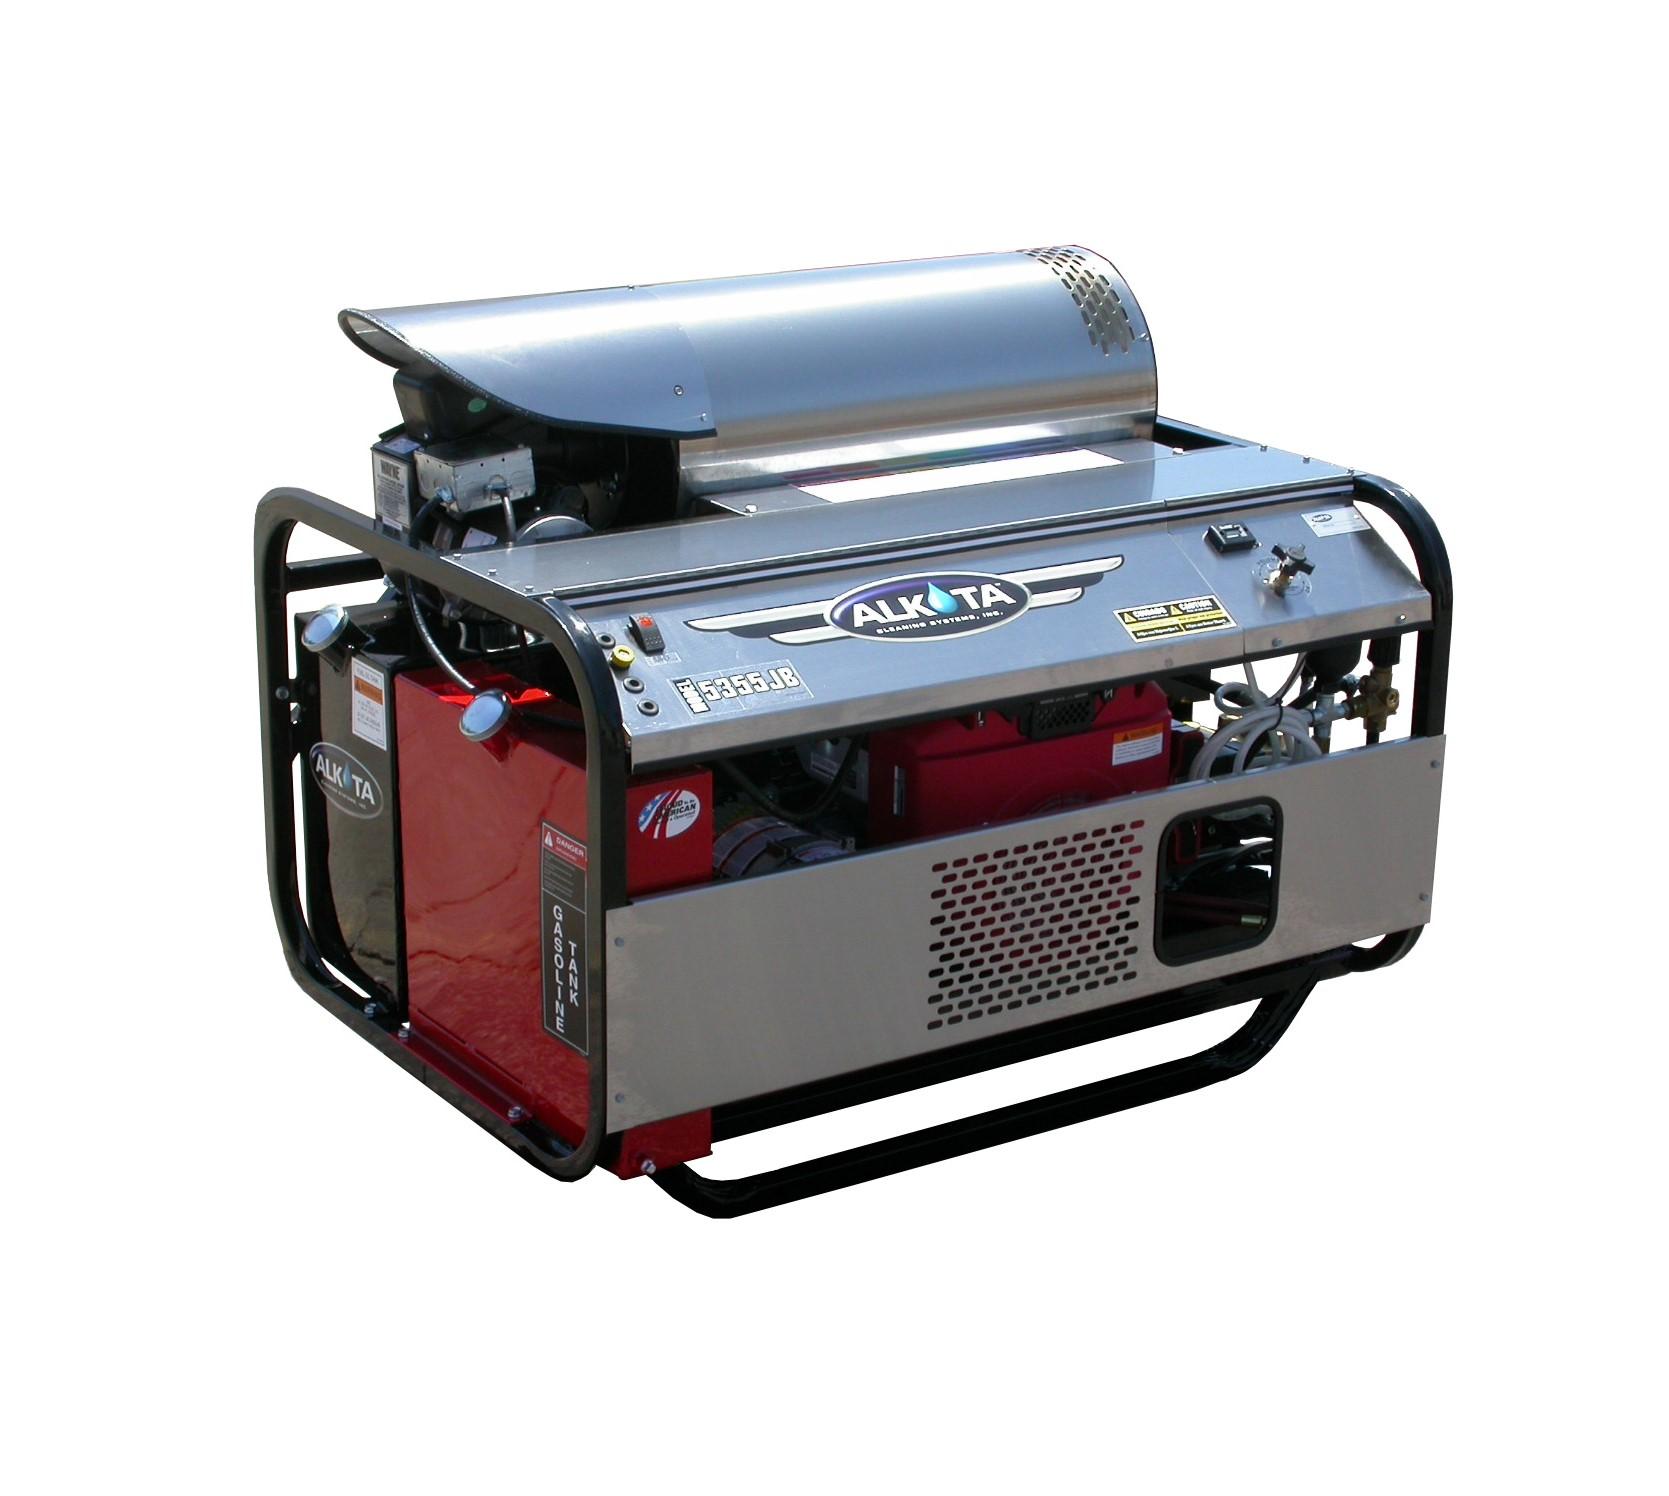 pressure washer hot water gas engine 5355jb alkota alkota cleaningpressure washer hot water gas engine 5355jb [ 1669 x 1496 Pixel ]